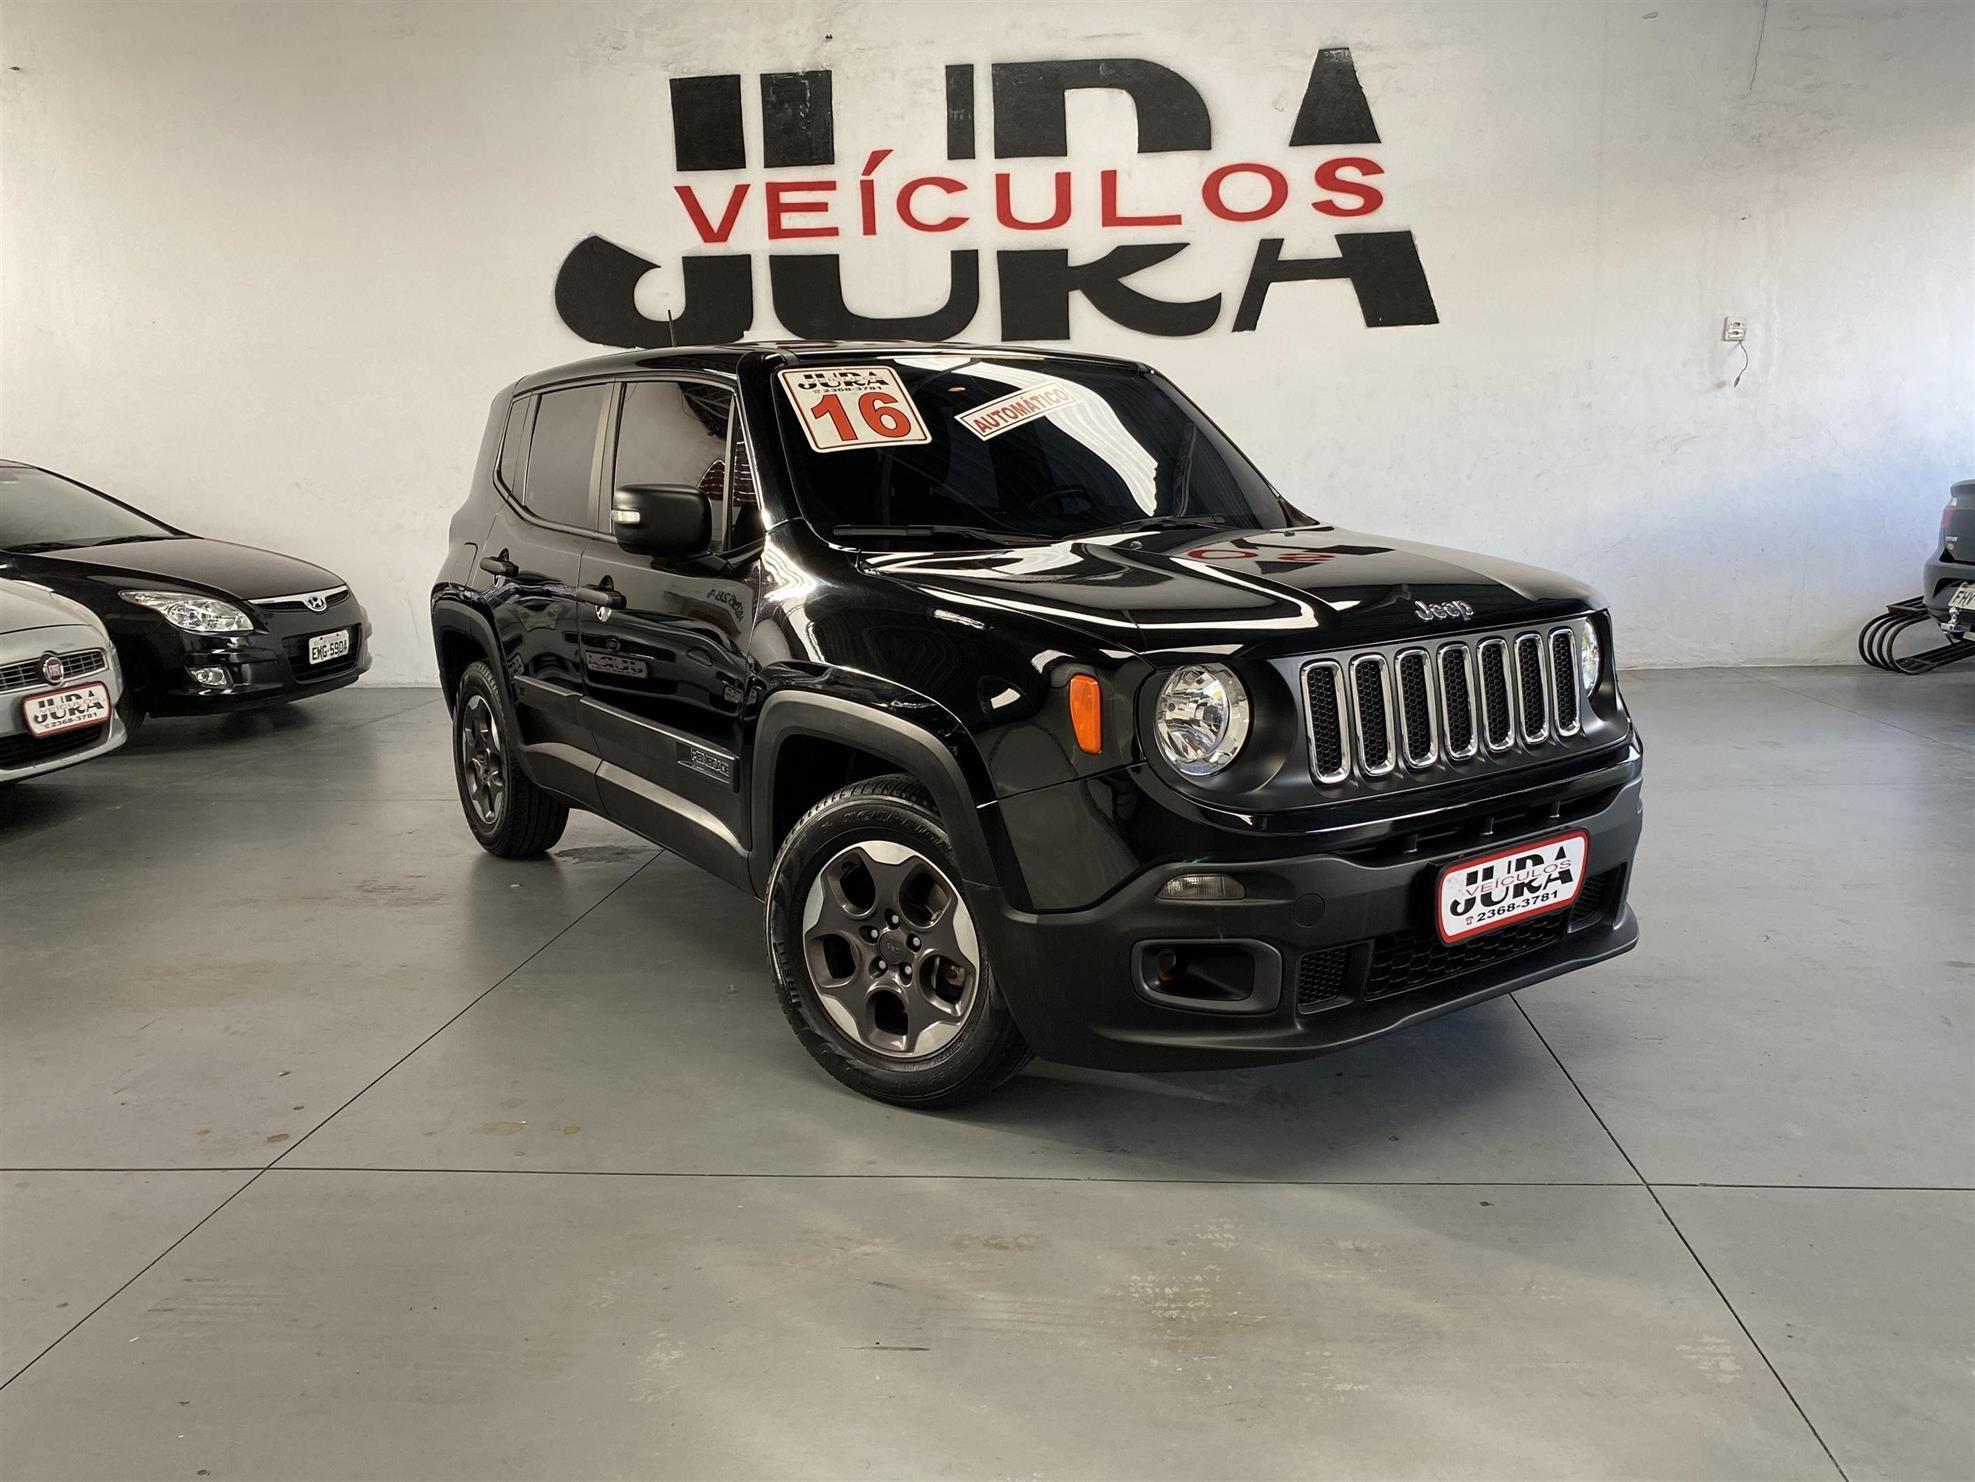 //www.autoline.com.br/carro/jeep/renegade-18-sport-16v-flex-4p-automatico/2016/sao-paulo-sp/14786568